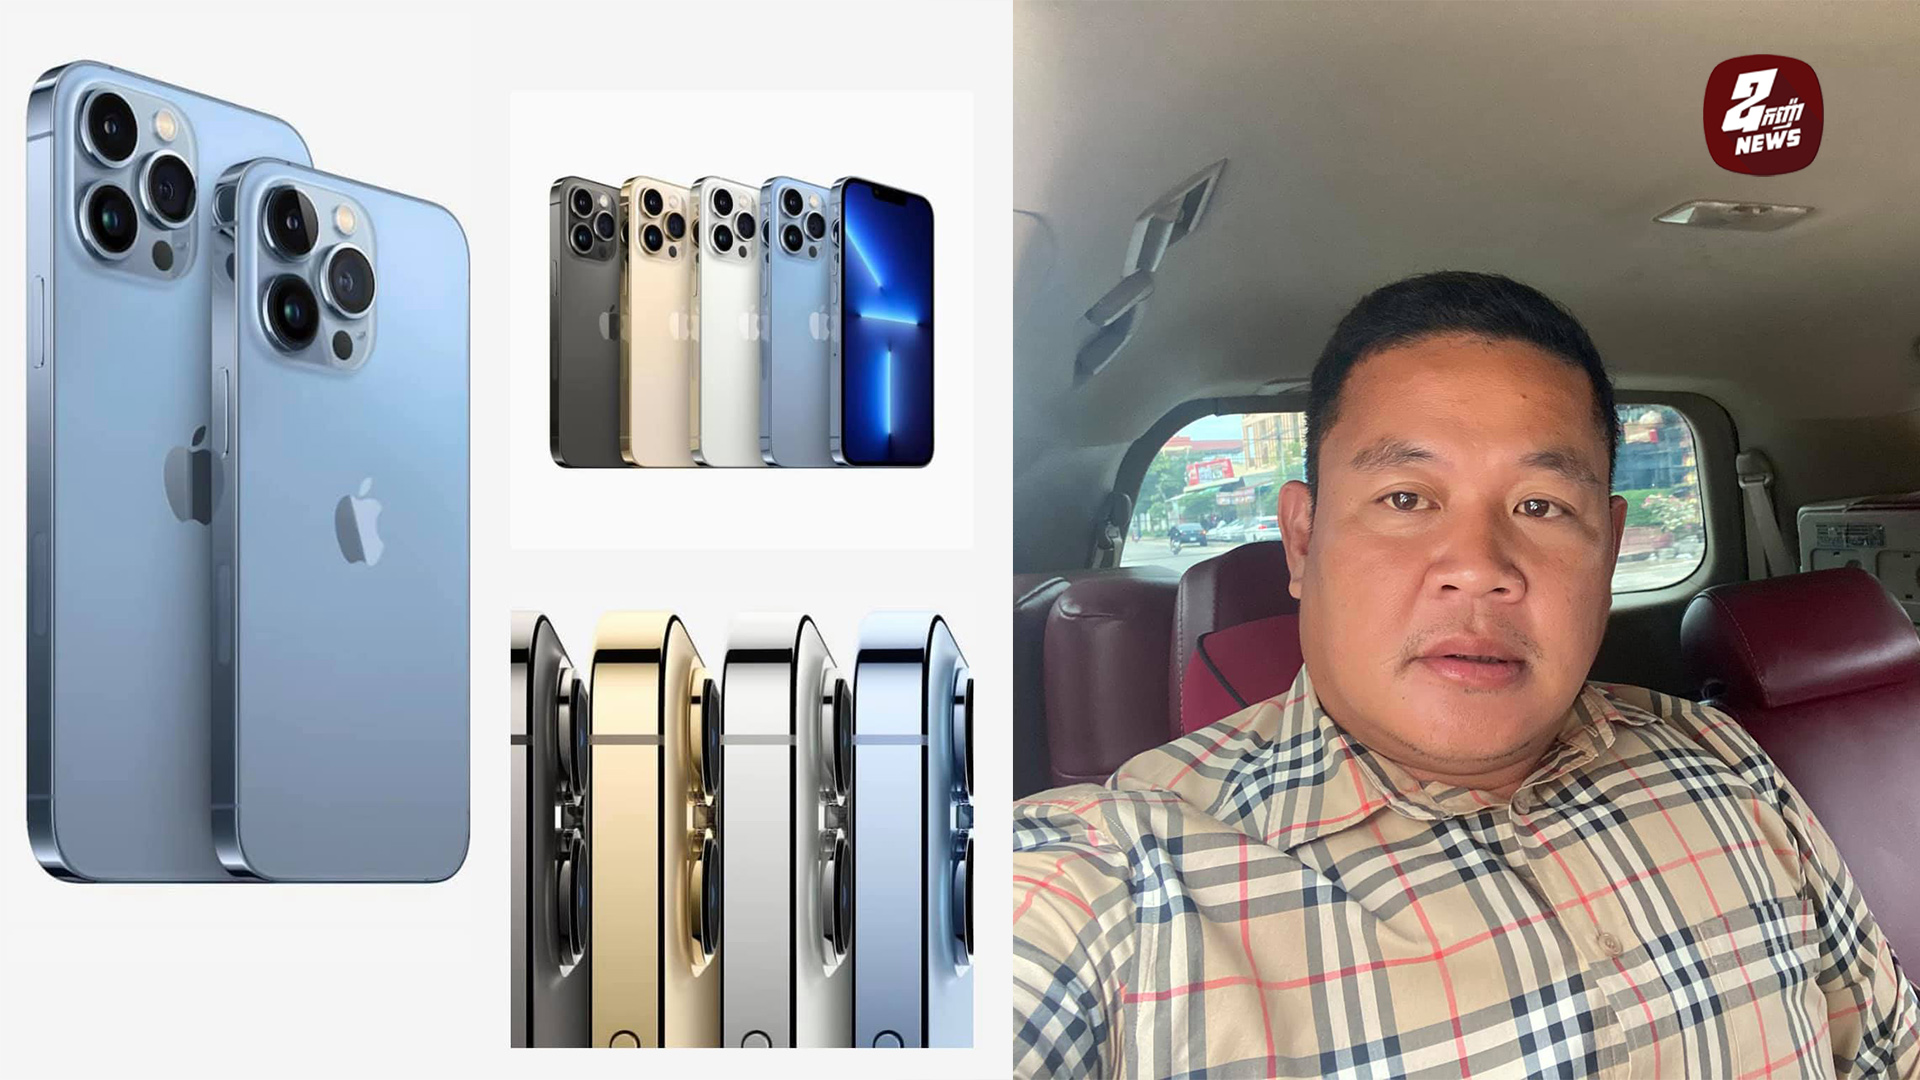 ឧកញ៉ា ហ៊ួត ជា បង្ហើបពីឱកាសពិសេស និងល.ខ ងាយៗក្លាយជាម្ចាស់ទូរស័ព្ទ iPhone 13 ស៊េរីថ្មីប្រើ Free